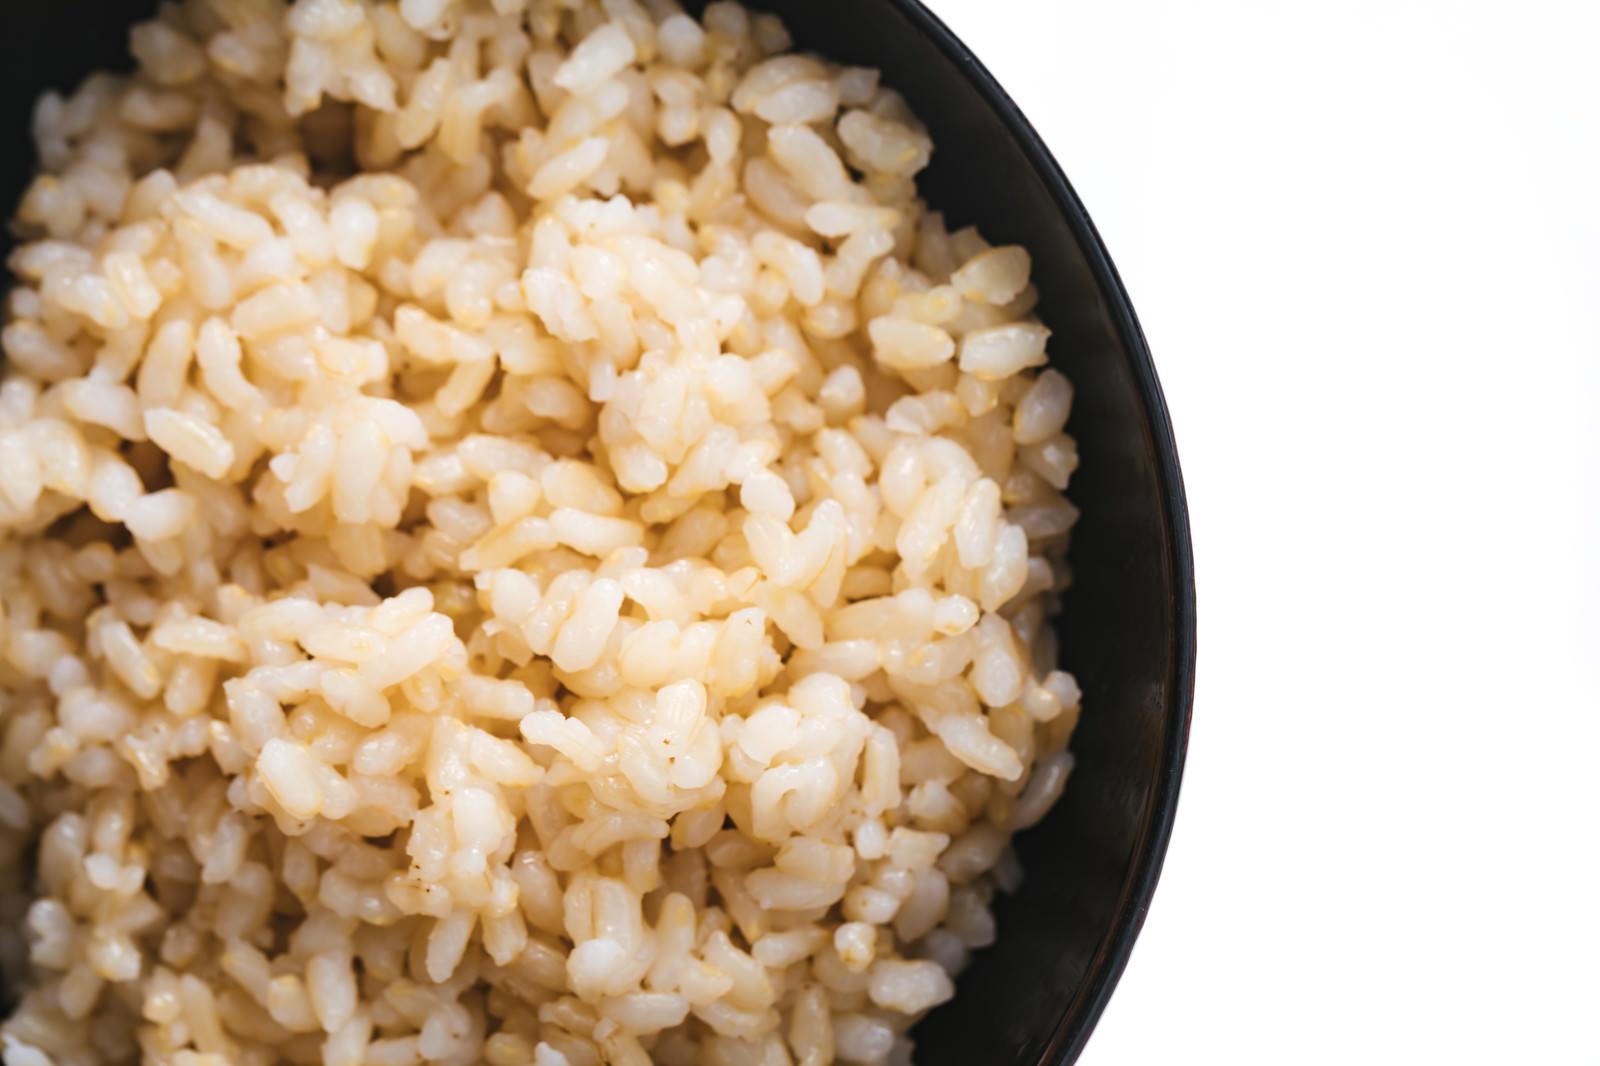 「茶碗玄米」の写真